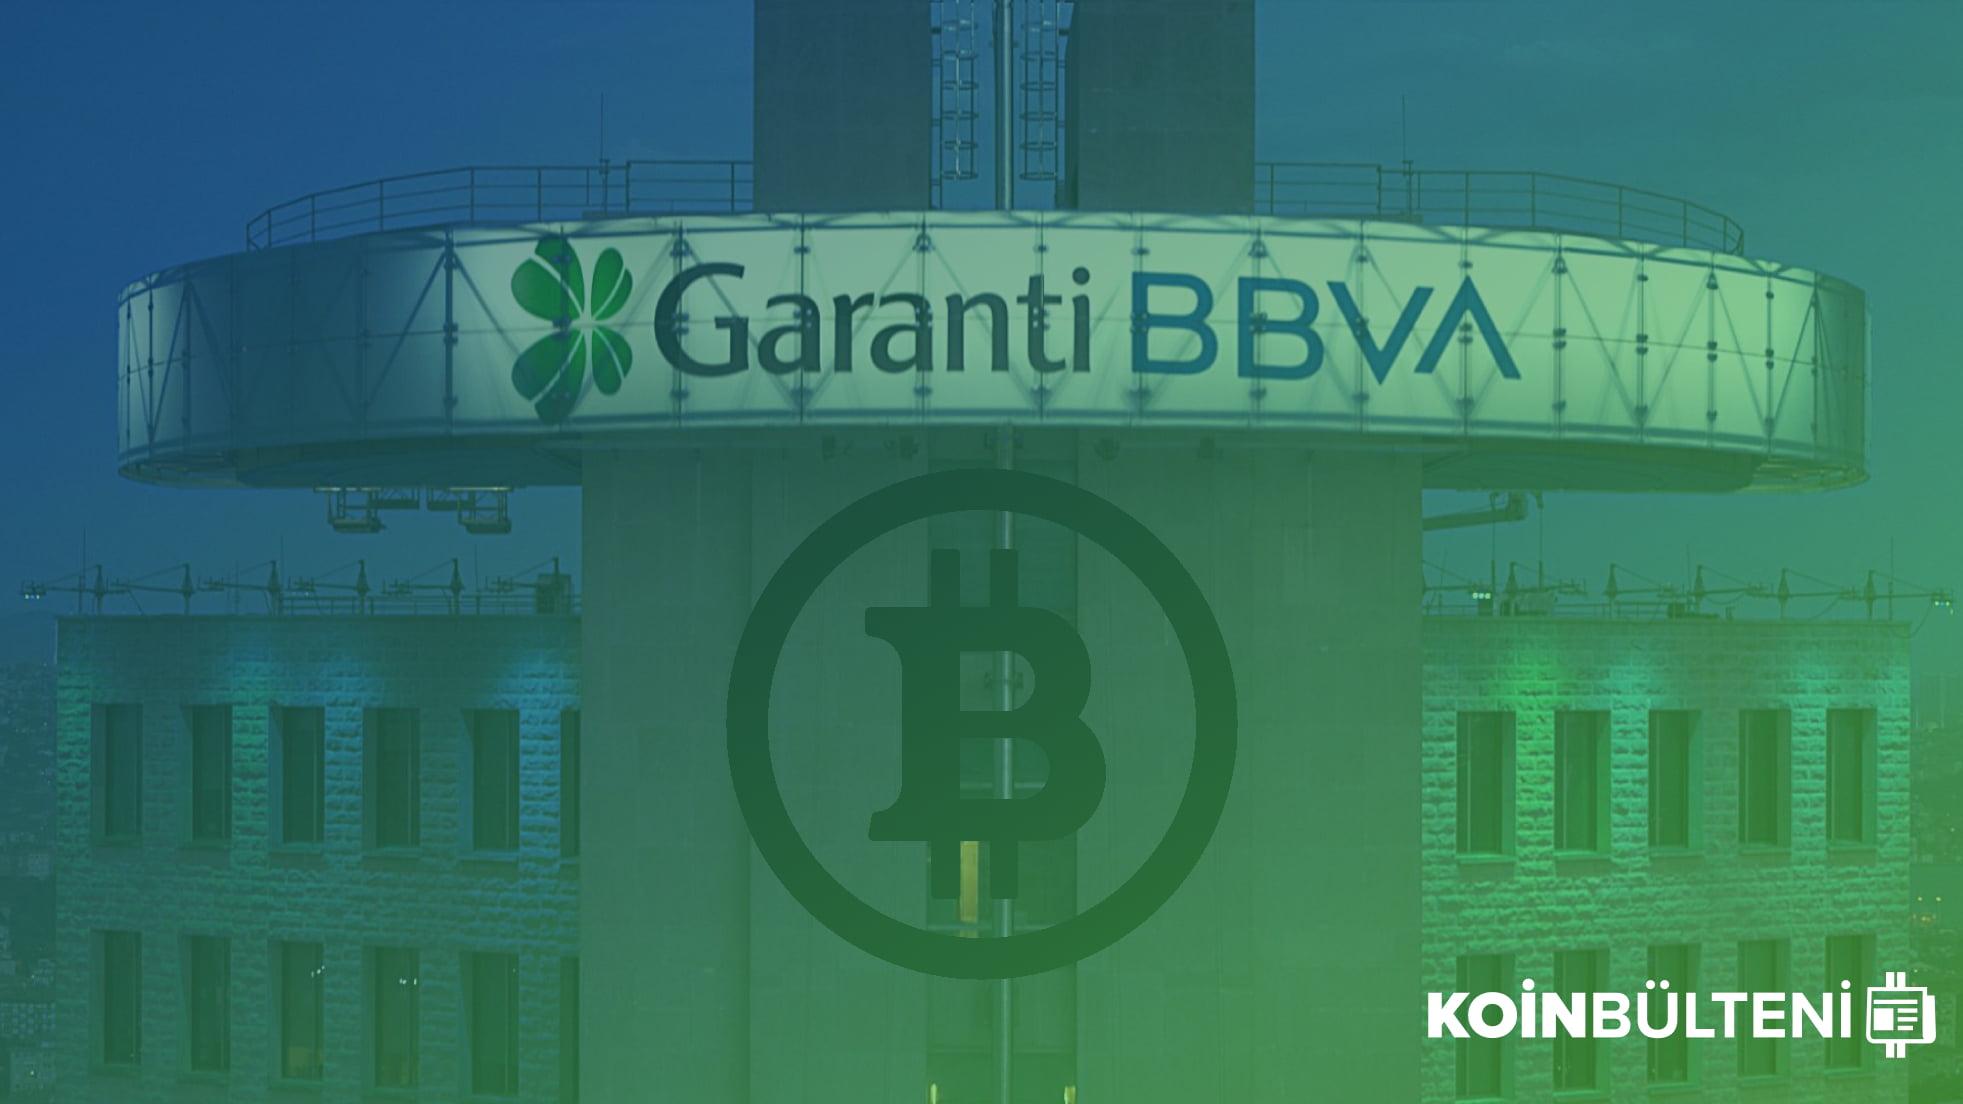 garanti bbva bitcoin